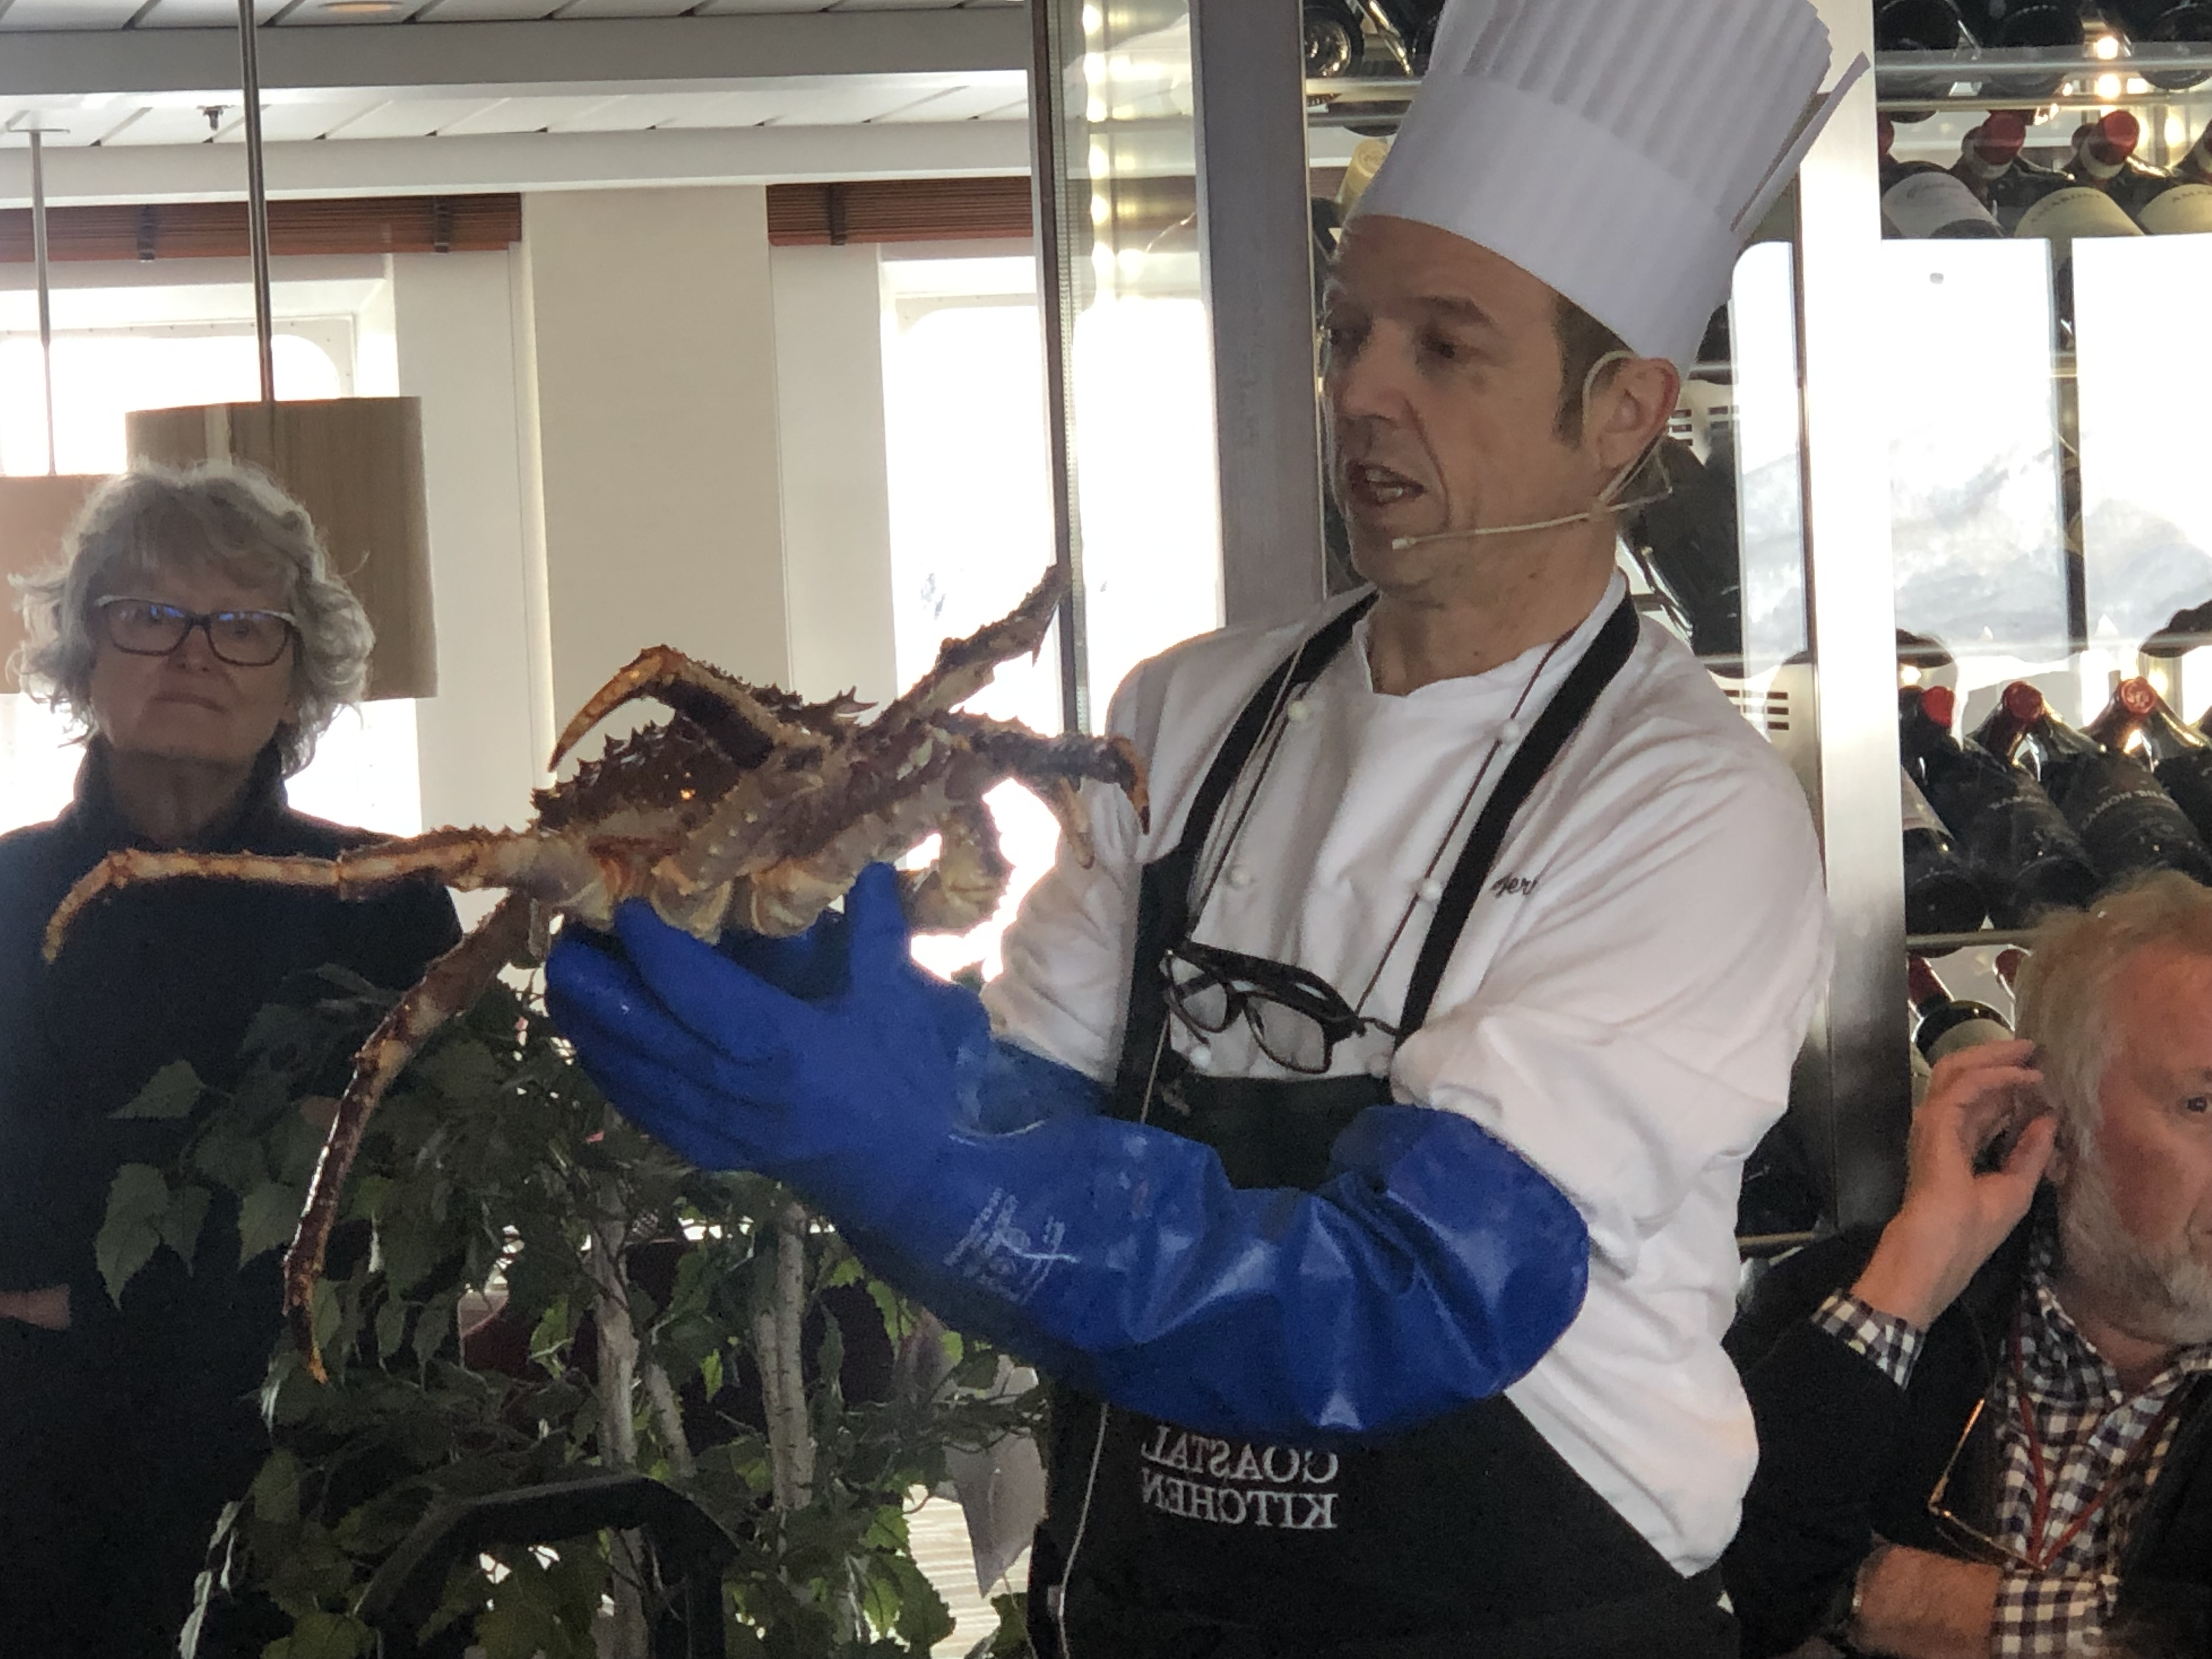 Chefkoch Kurt Gjentsen präsentiert eine Königskrabbe. Sie gehört zu den besonderen Delikatesse auf dem Schiff. Foto: © DHB